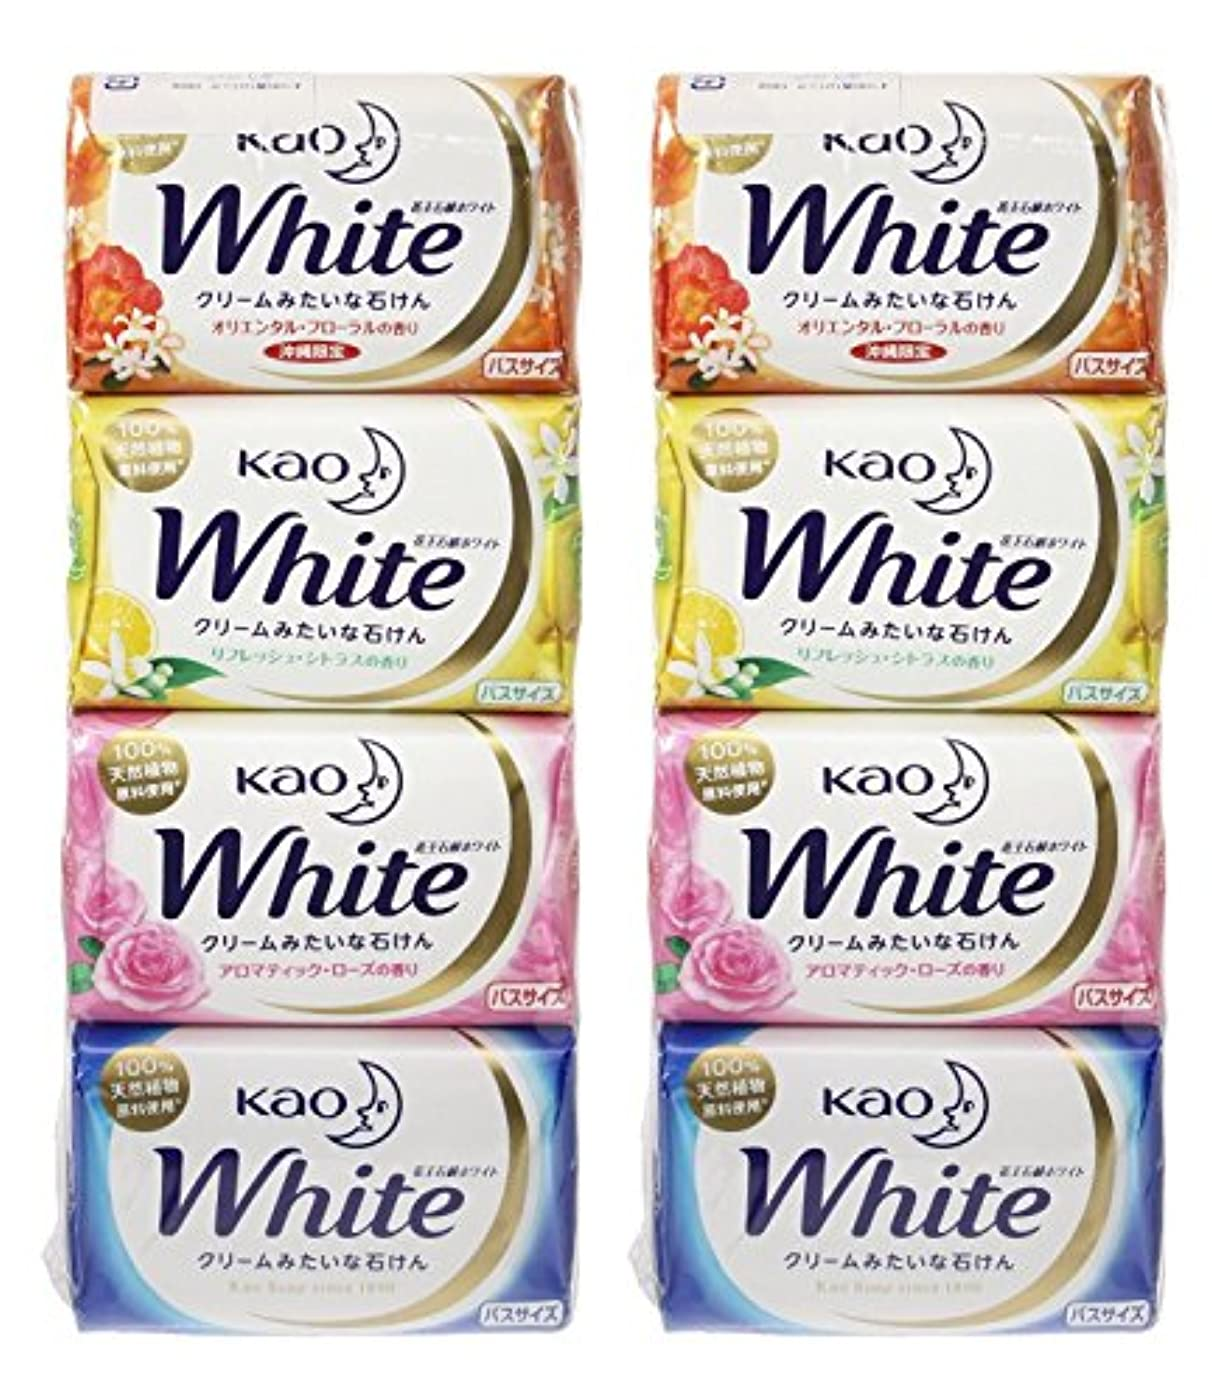 サイクルアラビア語神秘的な花王ホワイト 香りアソートパック バス12個×2